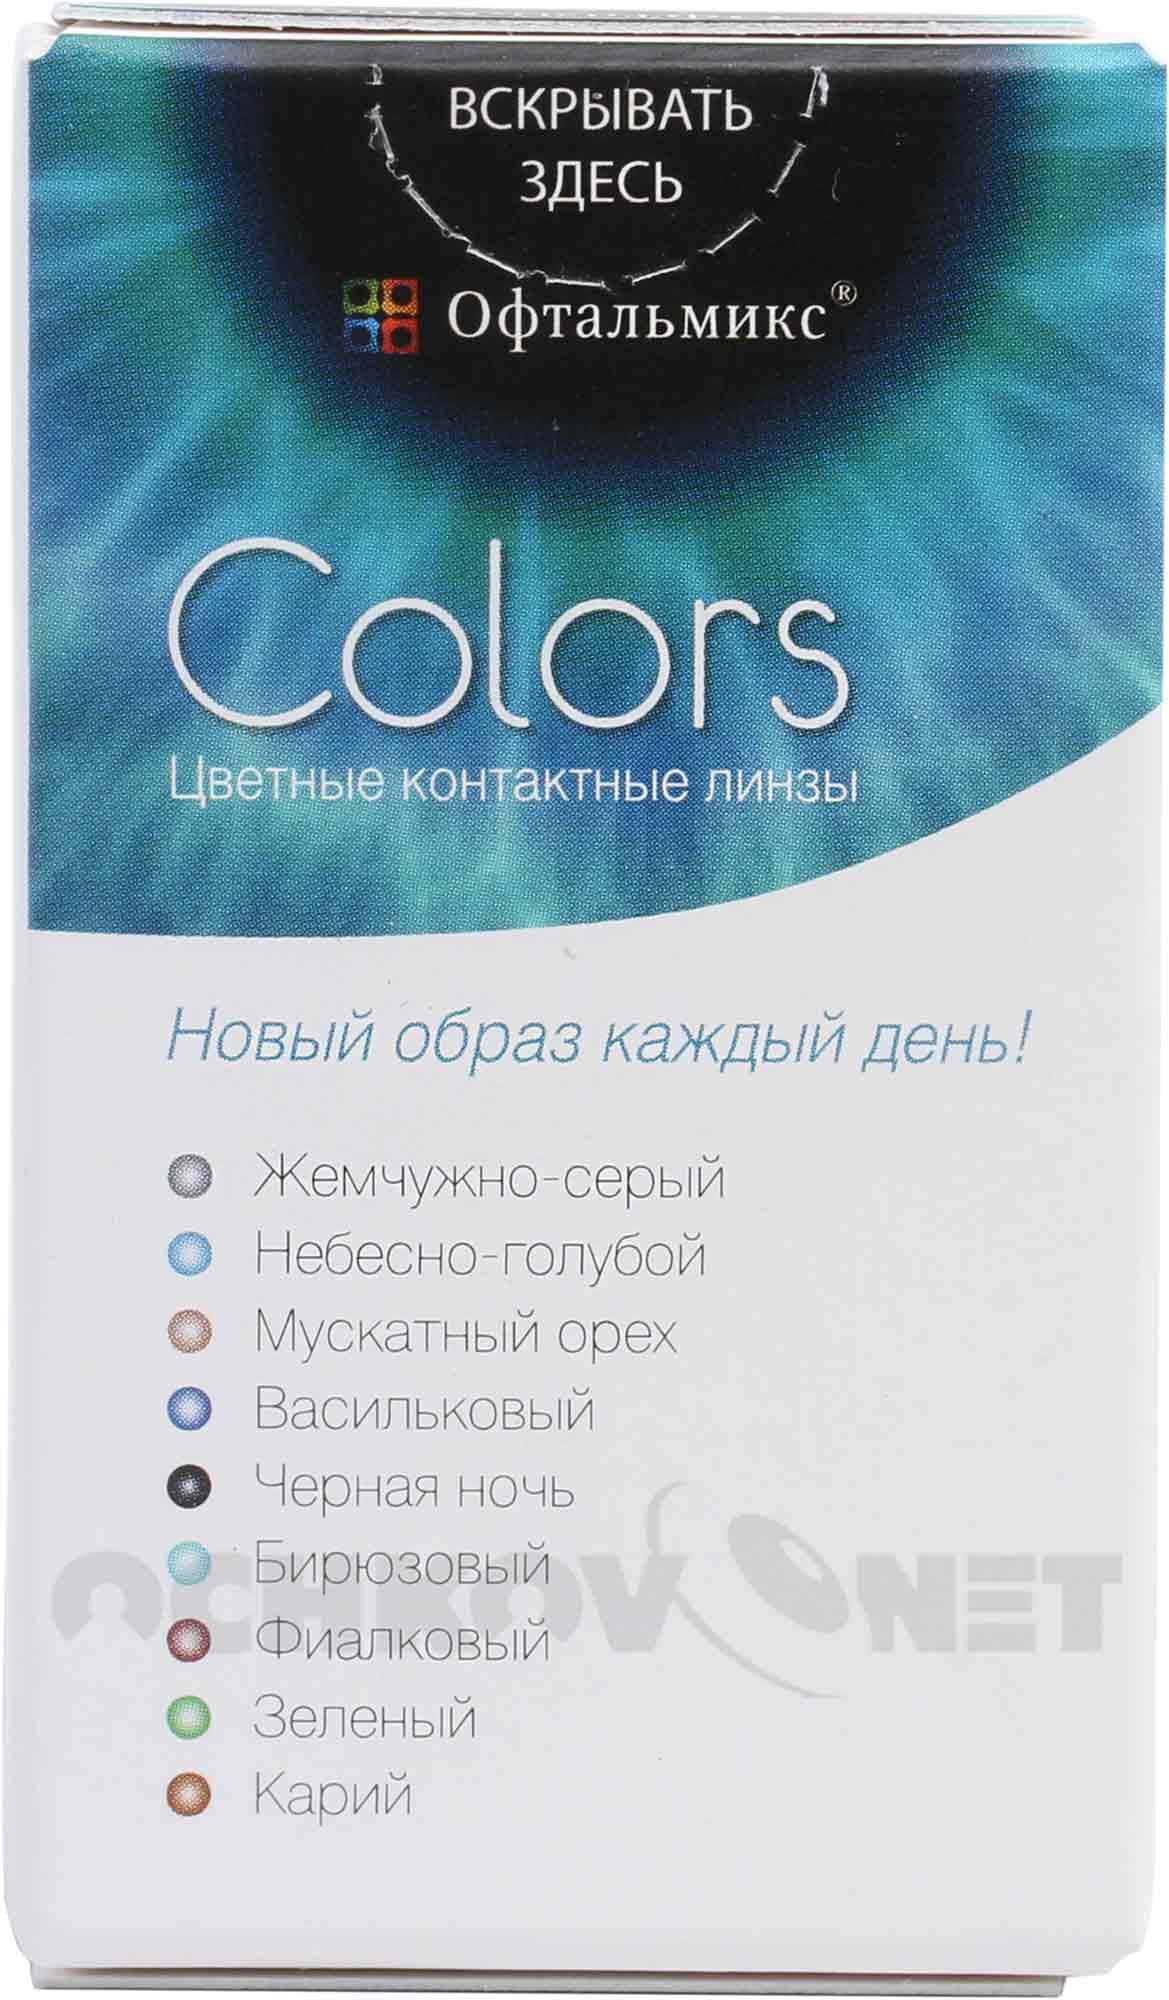 Контактные линзы офтальмикс colors Цветные контактные линзы Исправление зрения